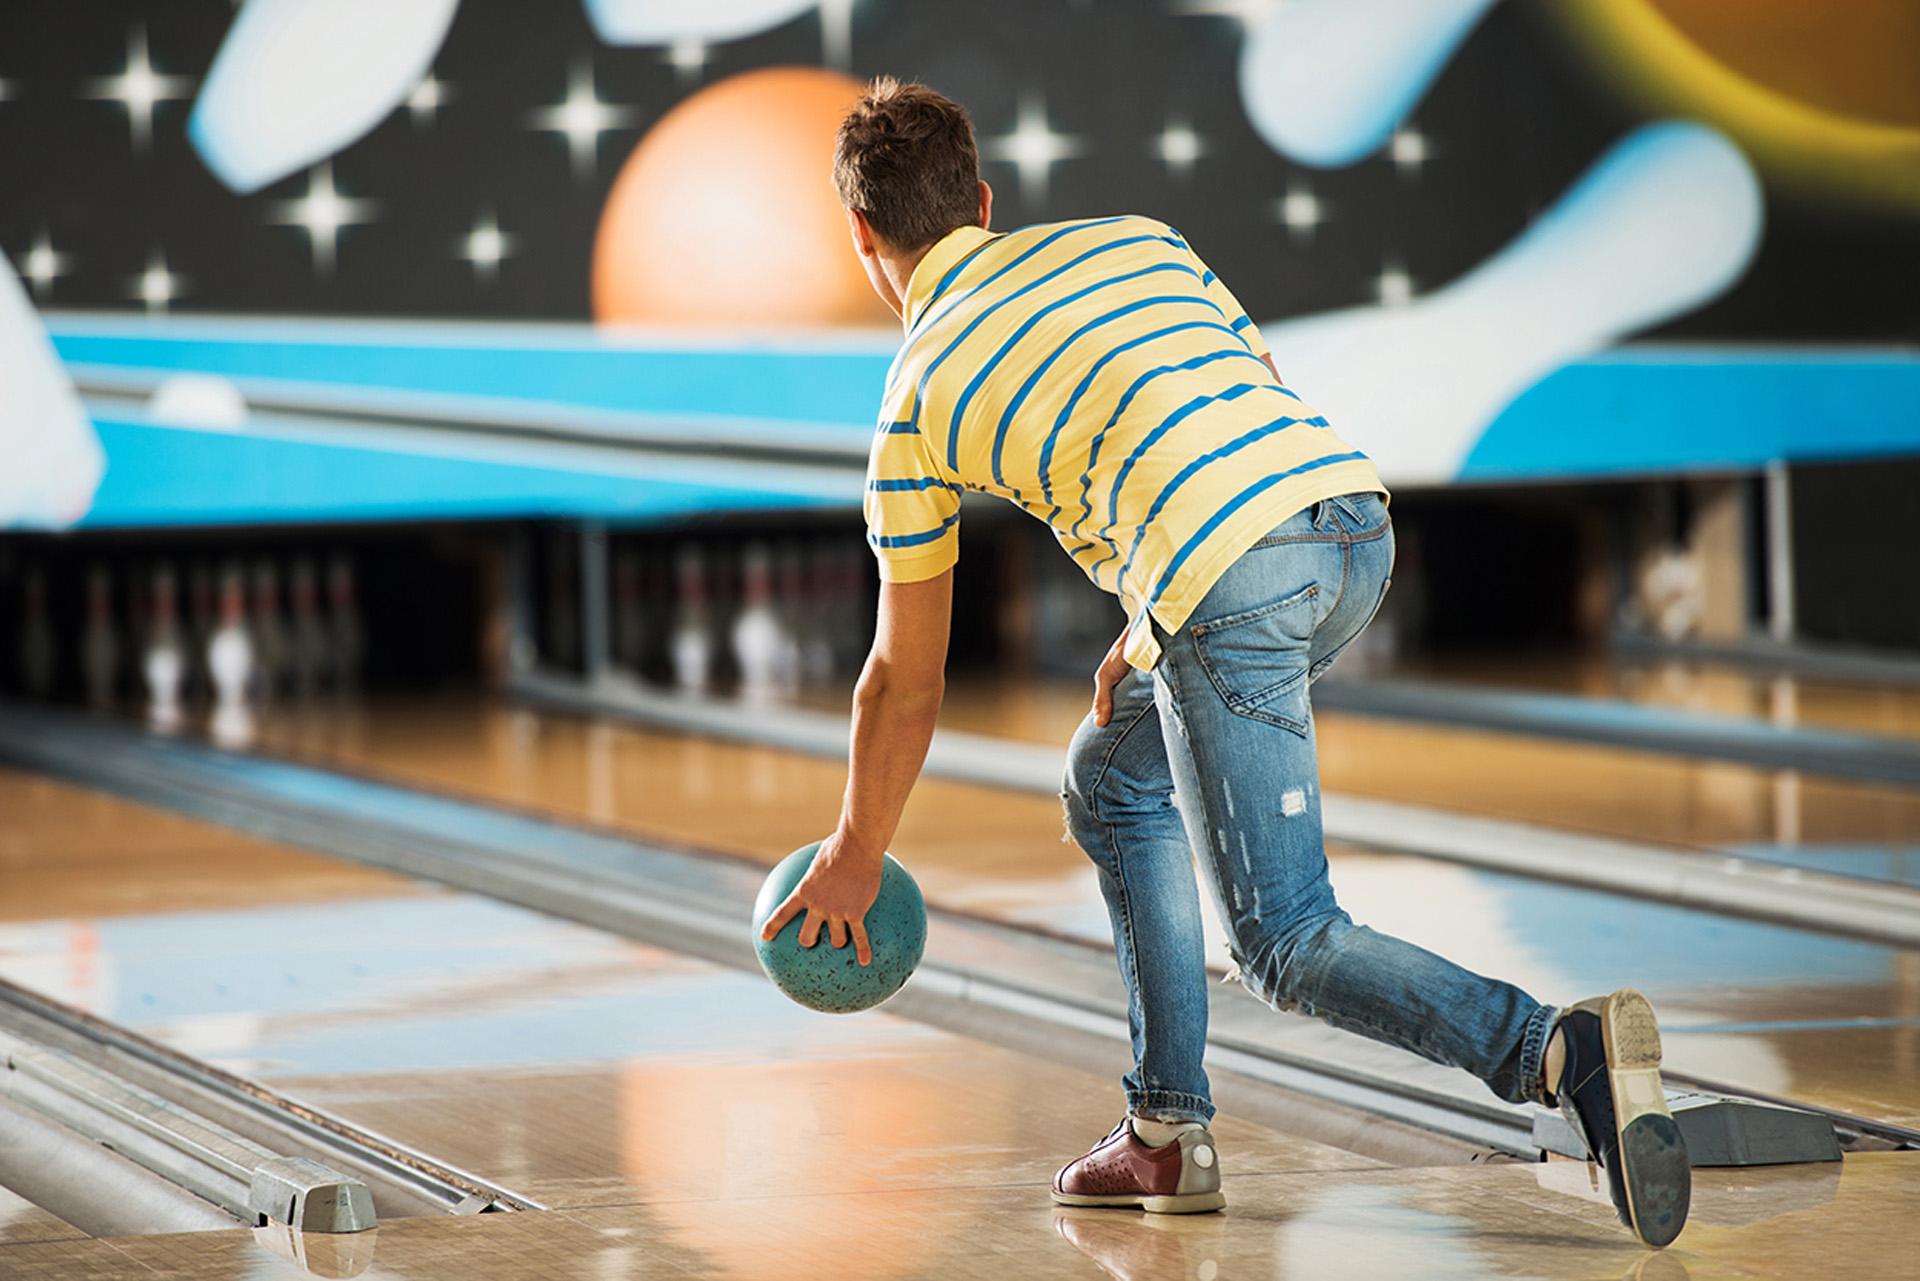 Uitjes herfstvakantie bowlen